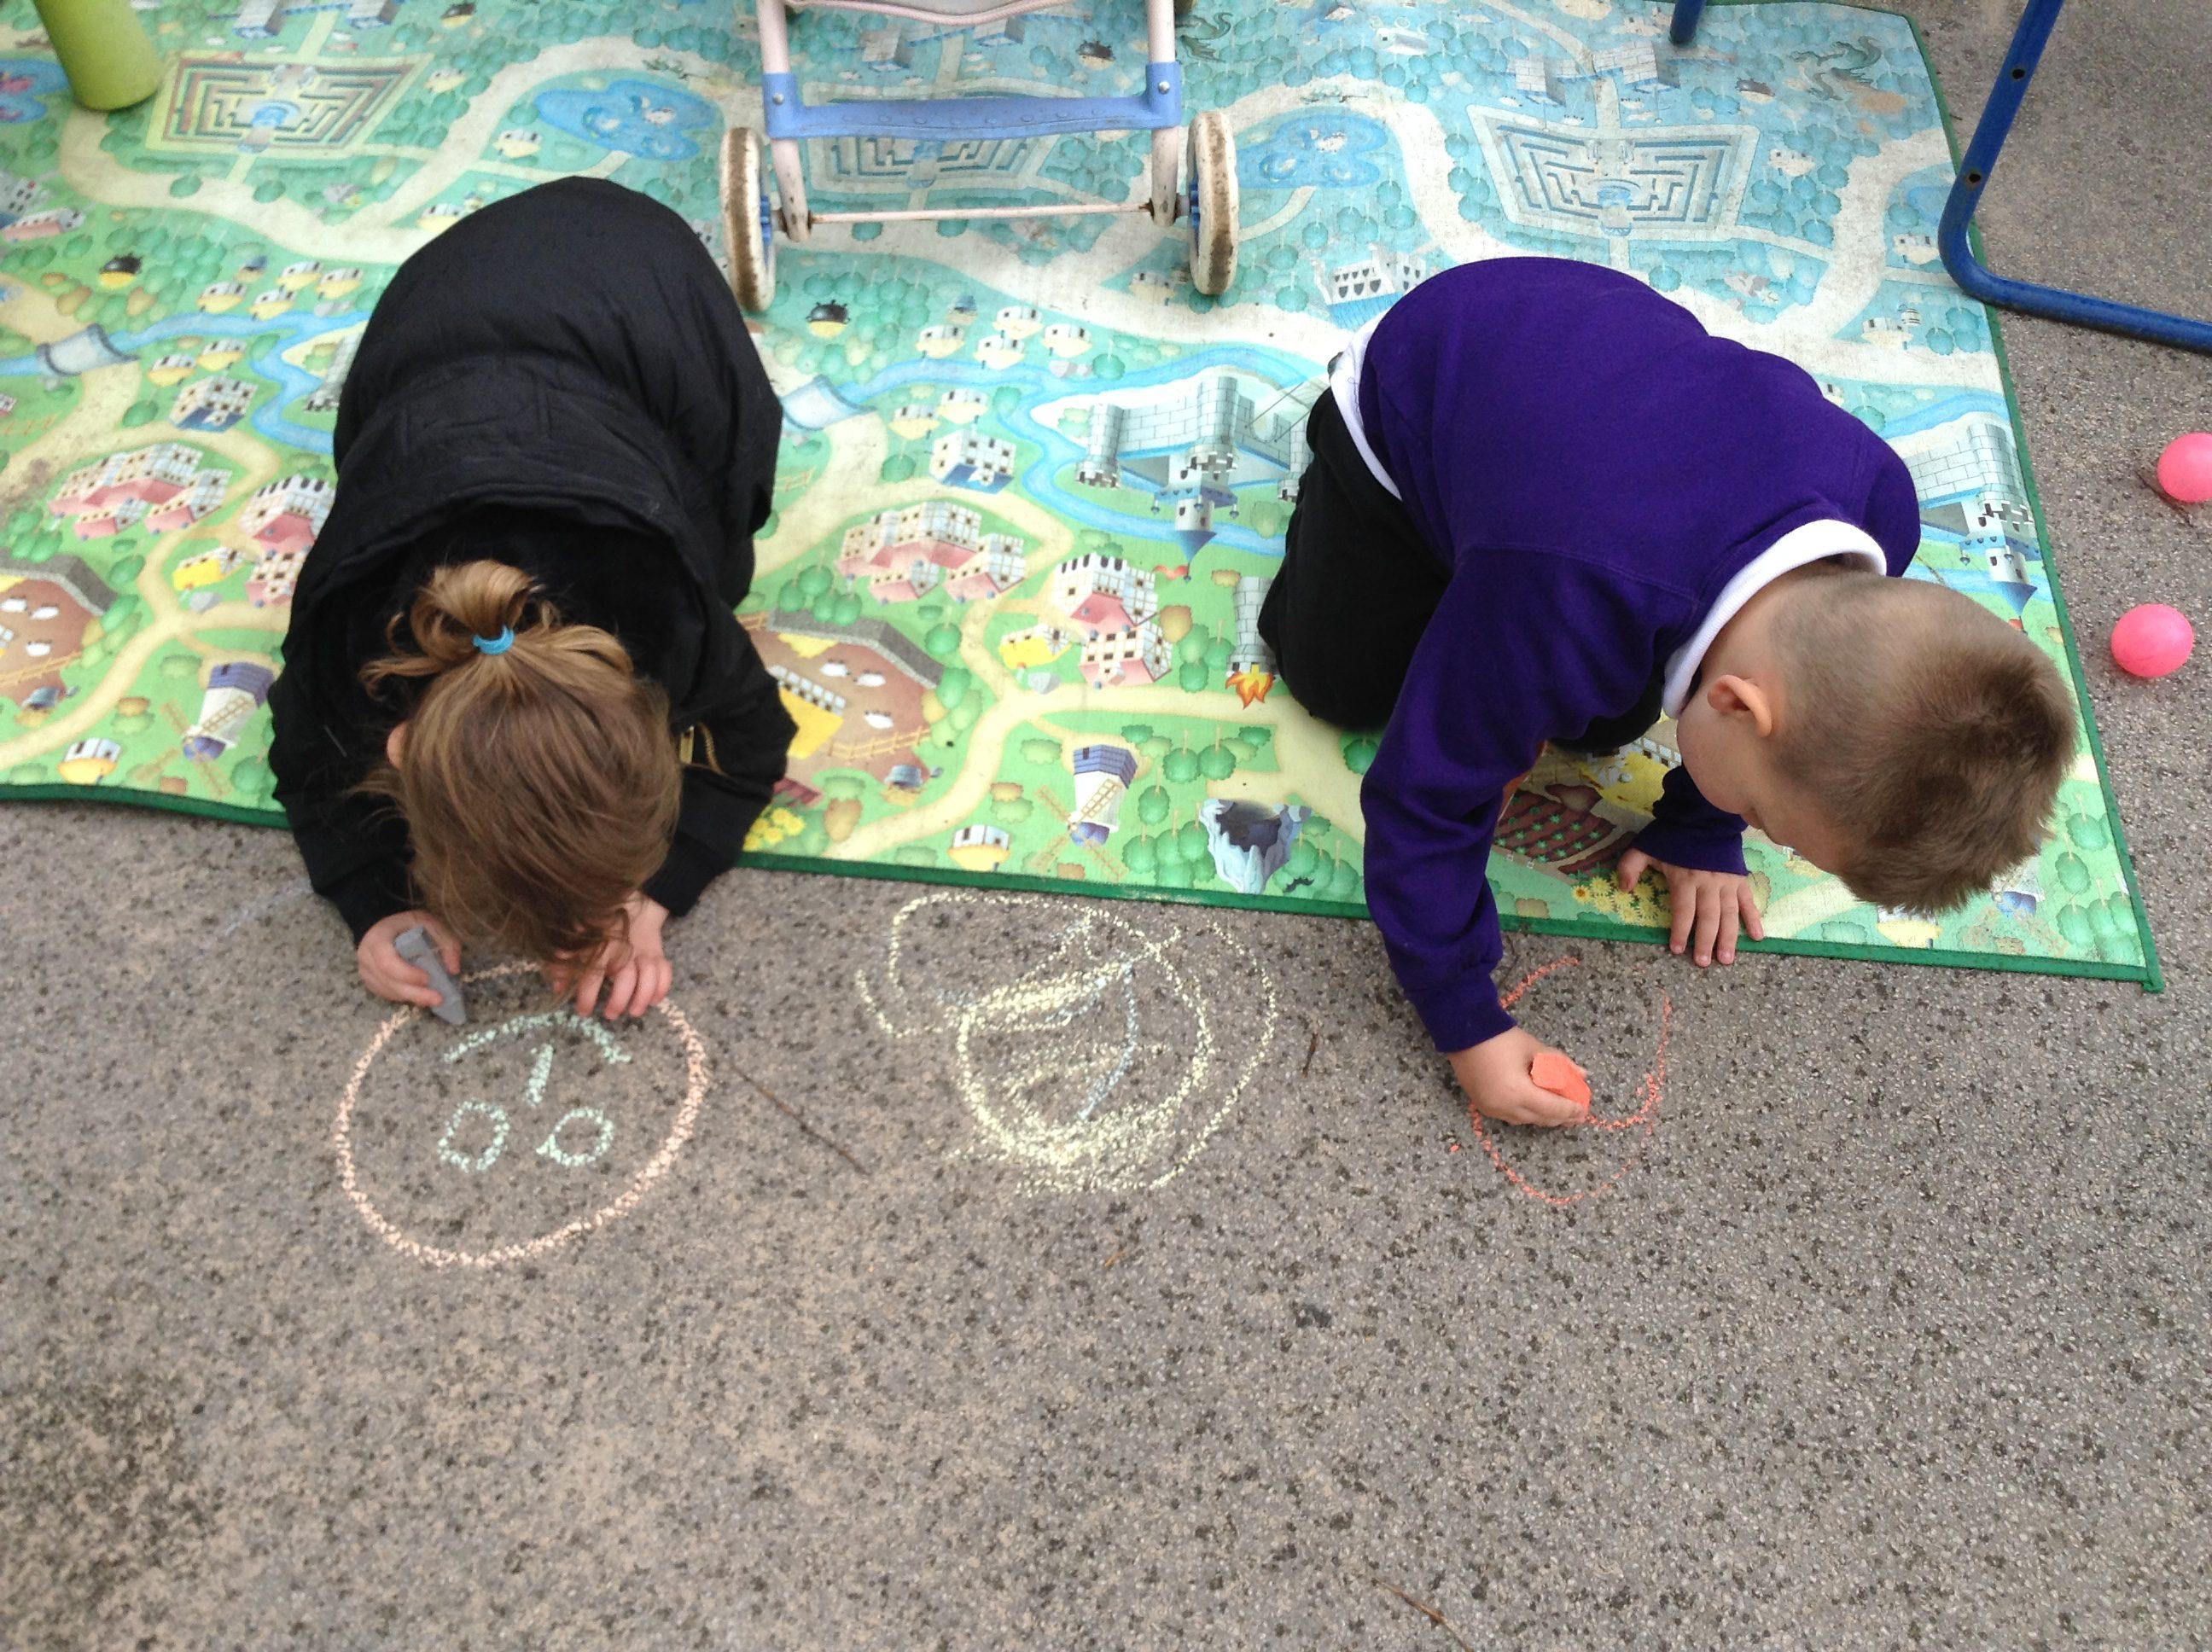 children chalking on the playground